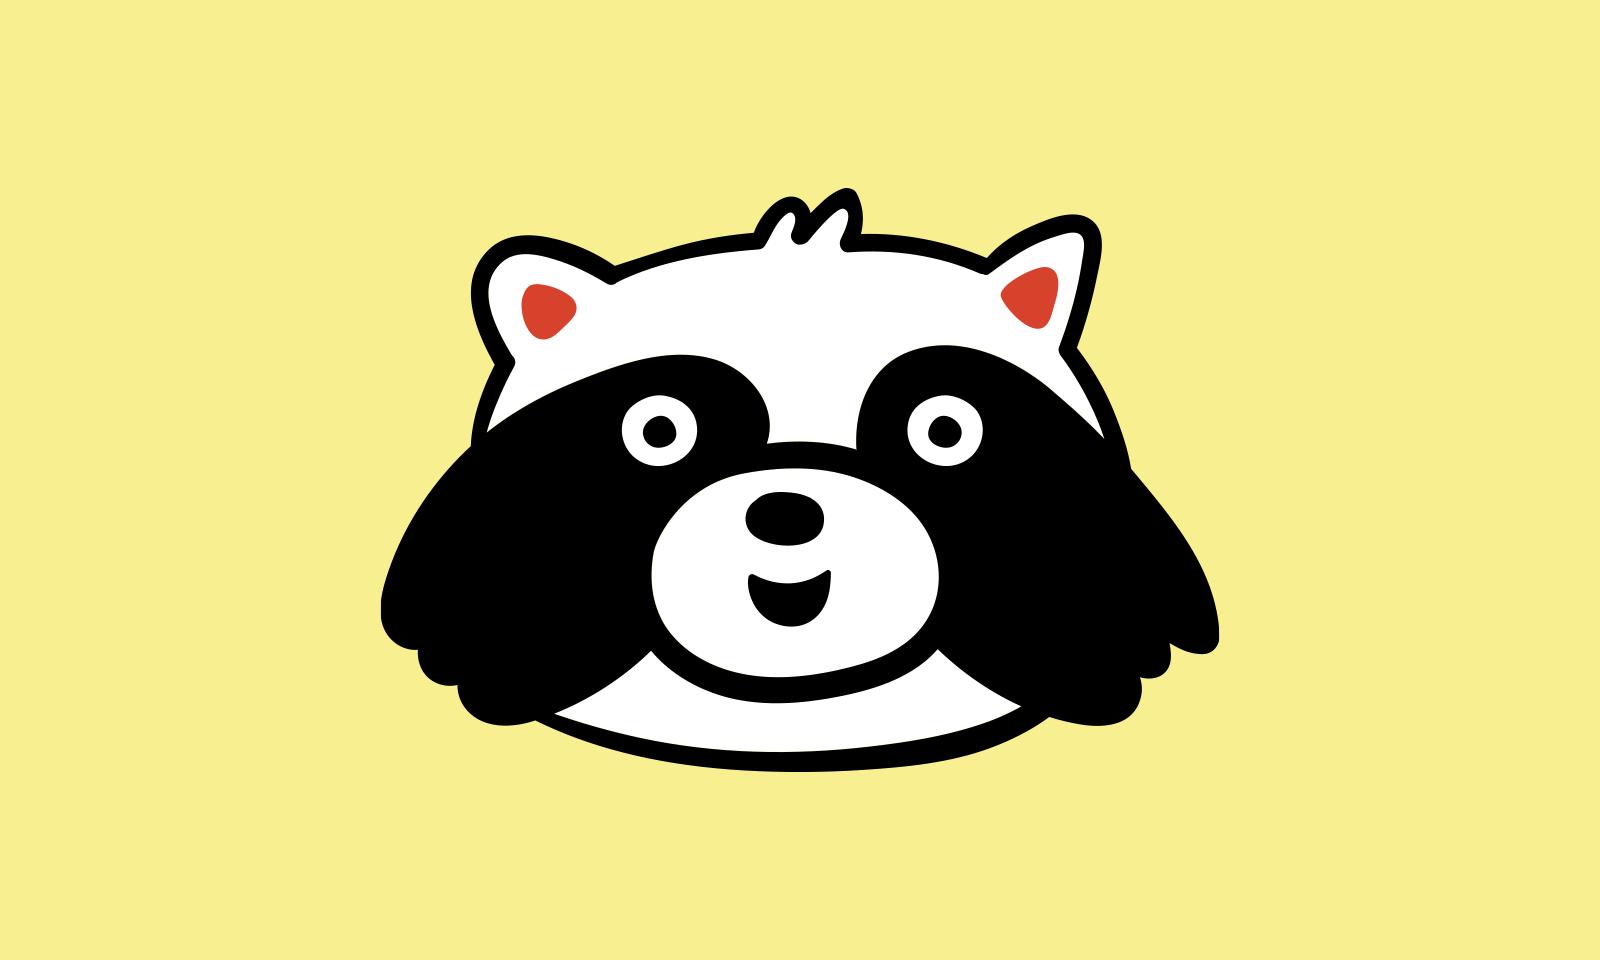 DataArt запустил бесплатную платформу Kiddo  онлайн-задачник для школьников, изучающих Питон